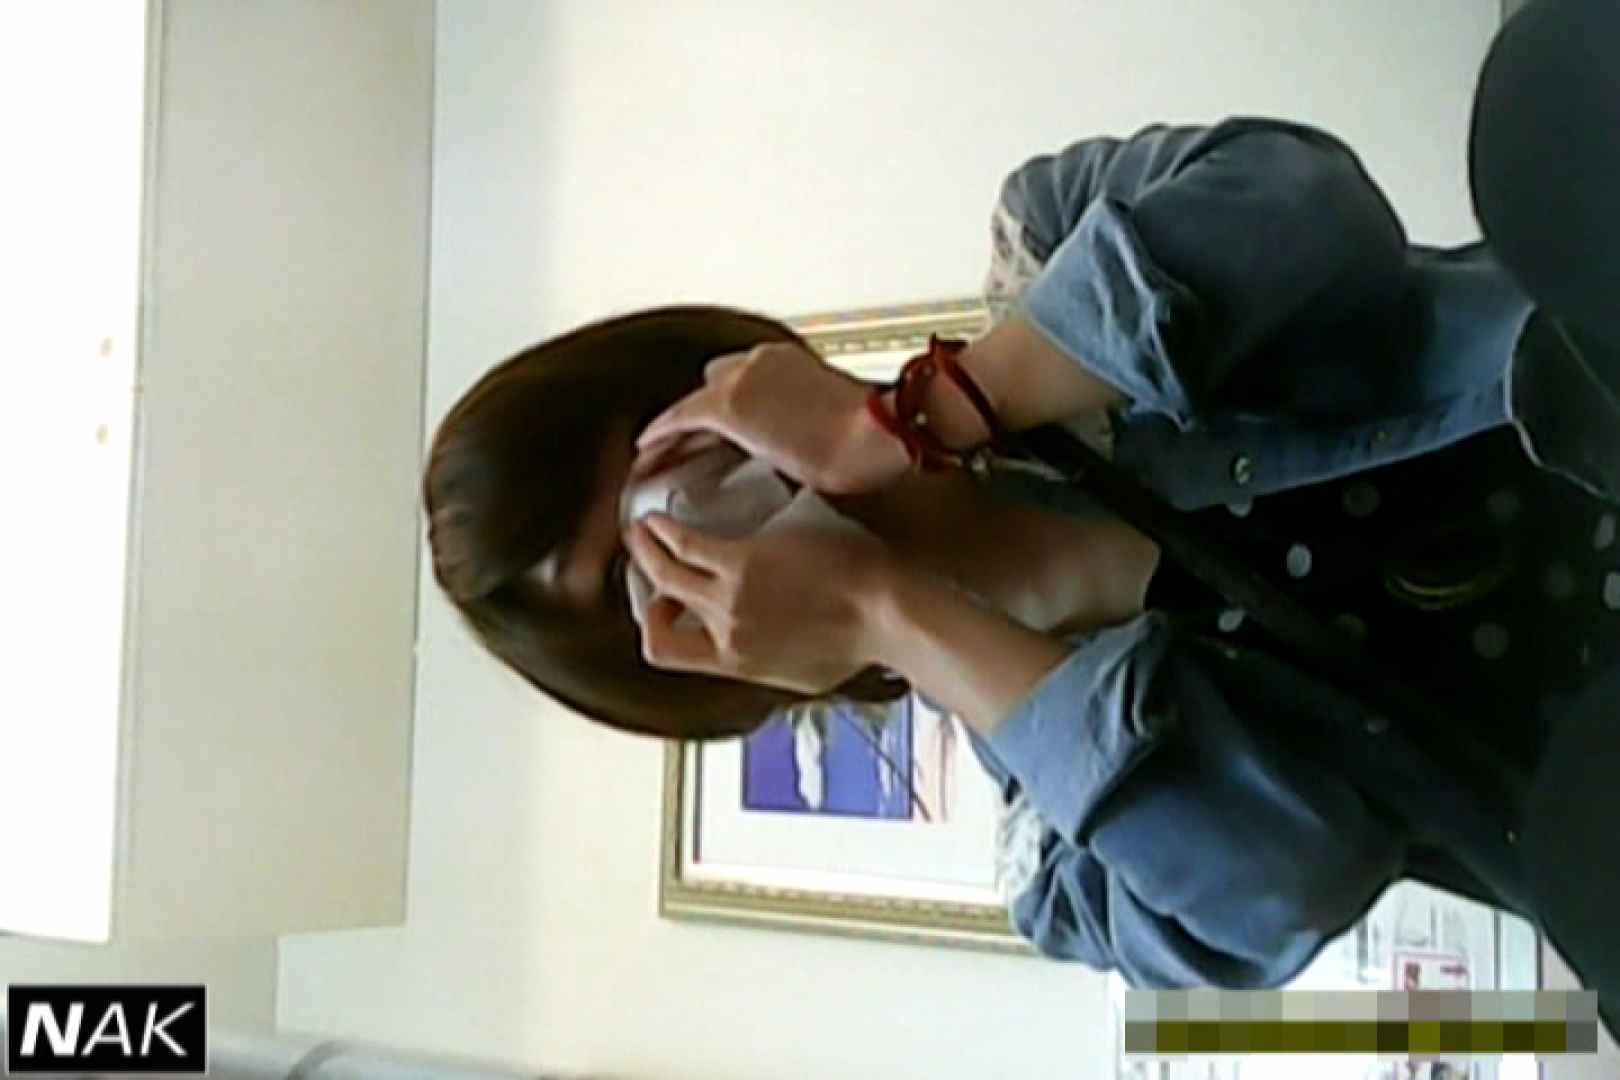 超高画質5000K!脅威の1点集中かわや! vol.04 マンコ・ムレムレ セックス無修正動画無料 80pic 75